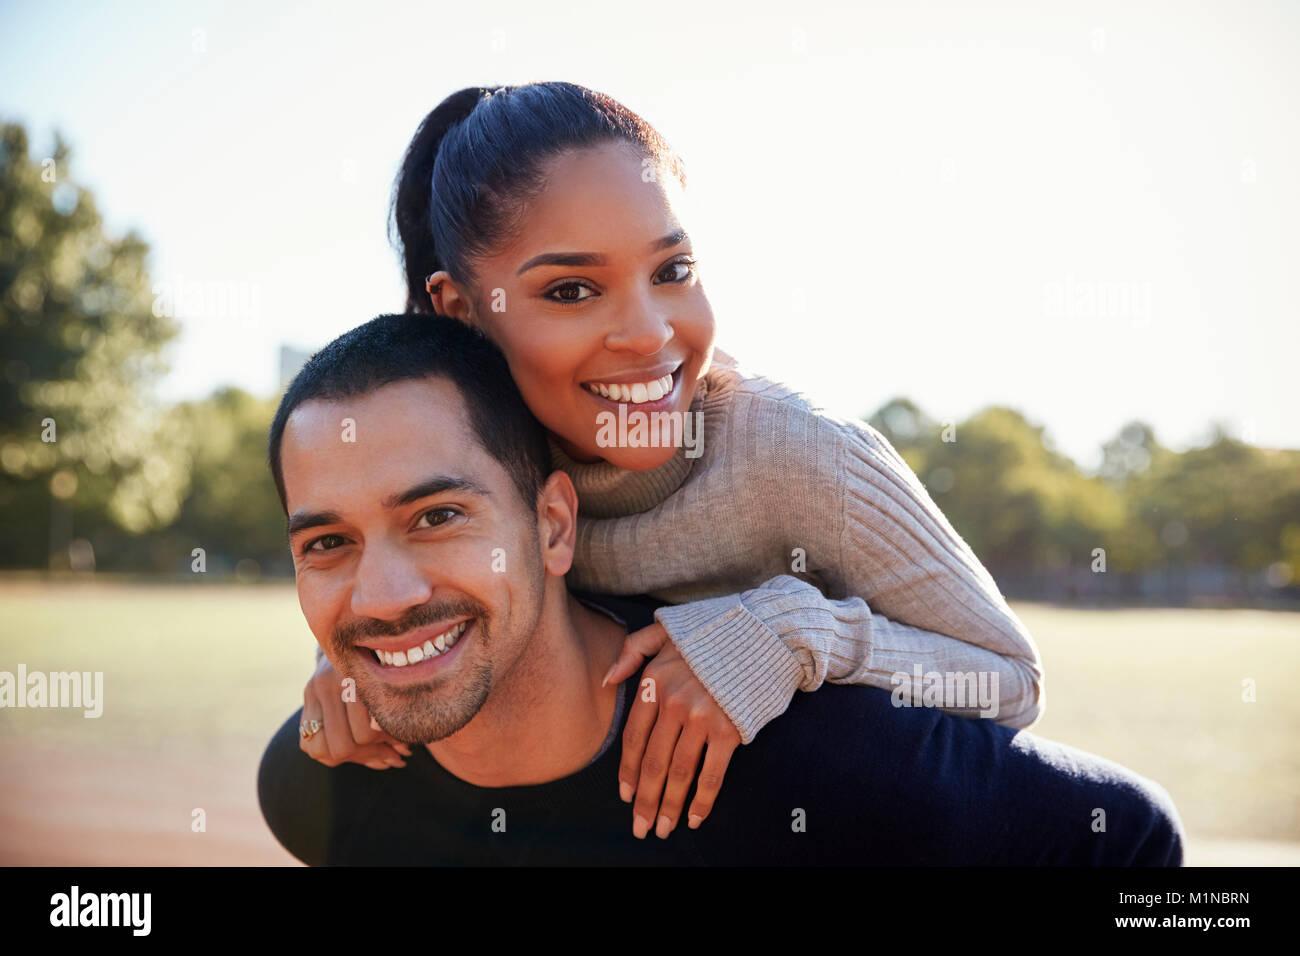 Coppia giovane sorridente in telecamera a Brooklyn, close up Immagini Stock